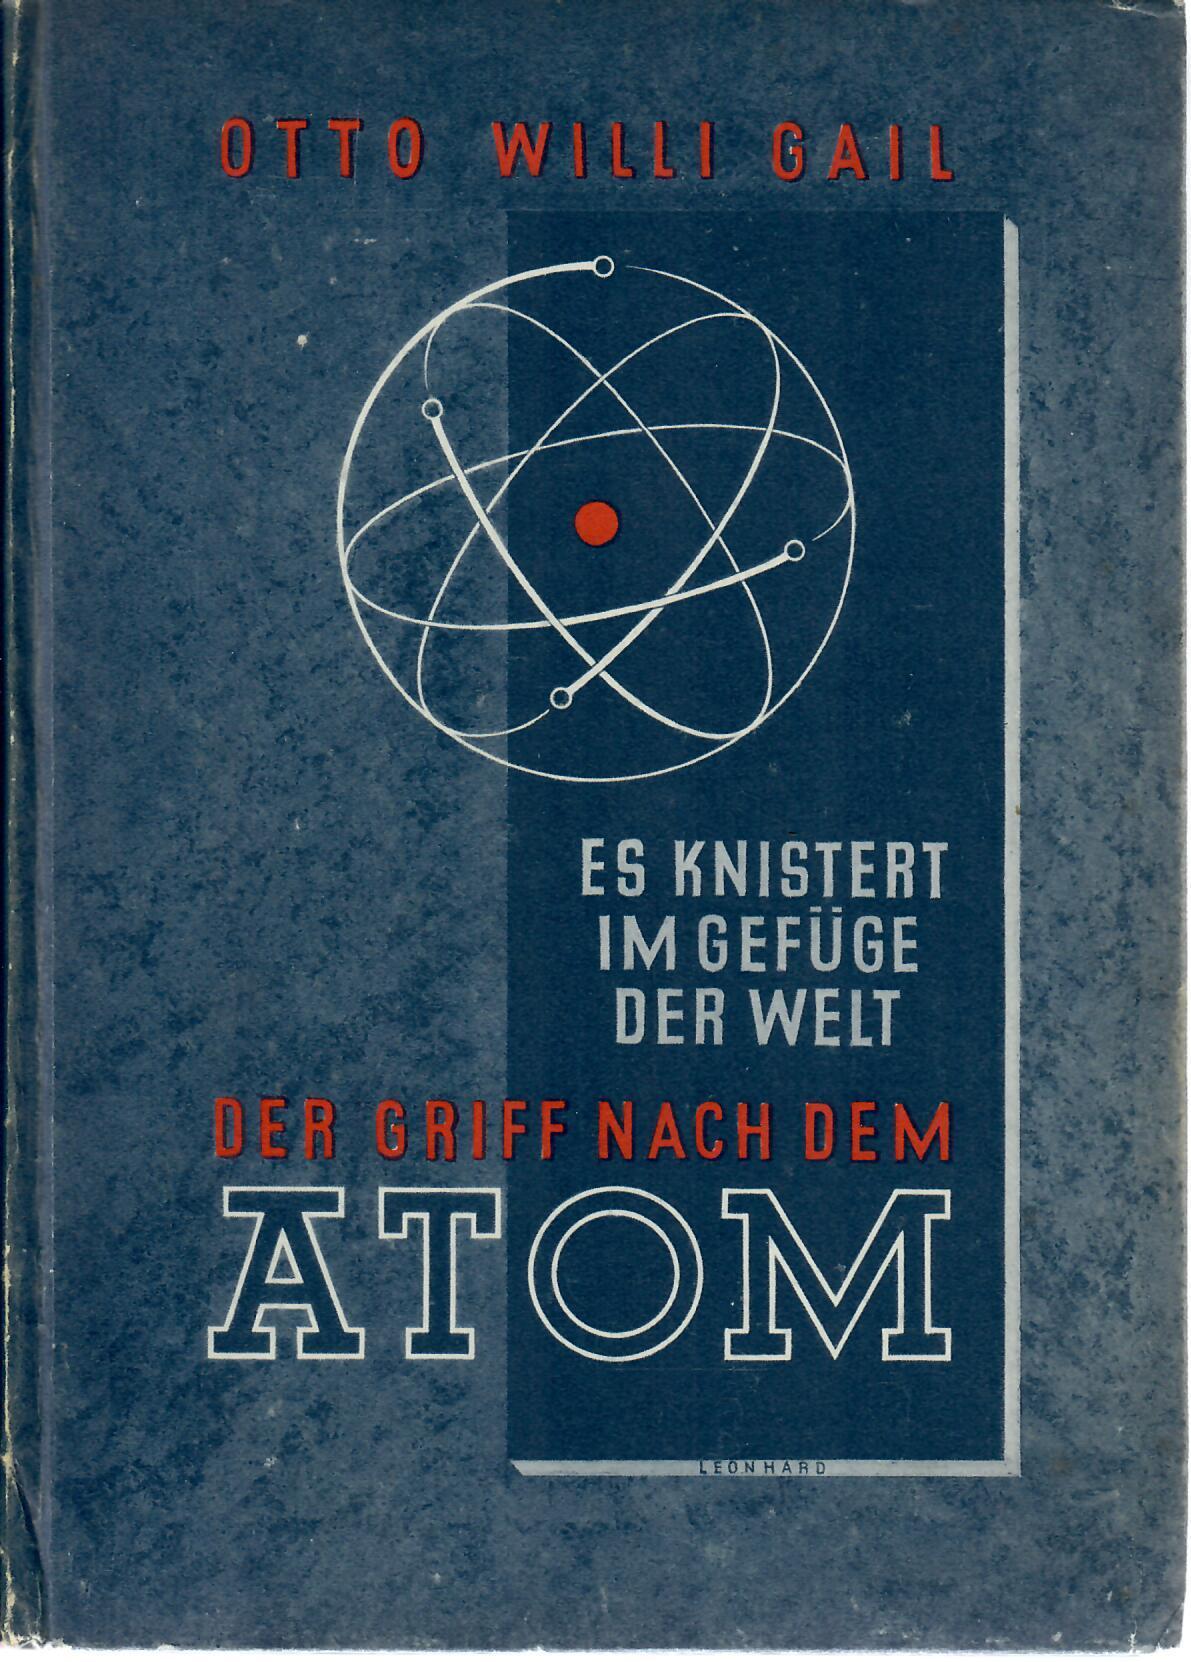 Der Griff nach dem Atom : Es knistert im Gefüge der Welt : Hanns Reich Verlag München 1947